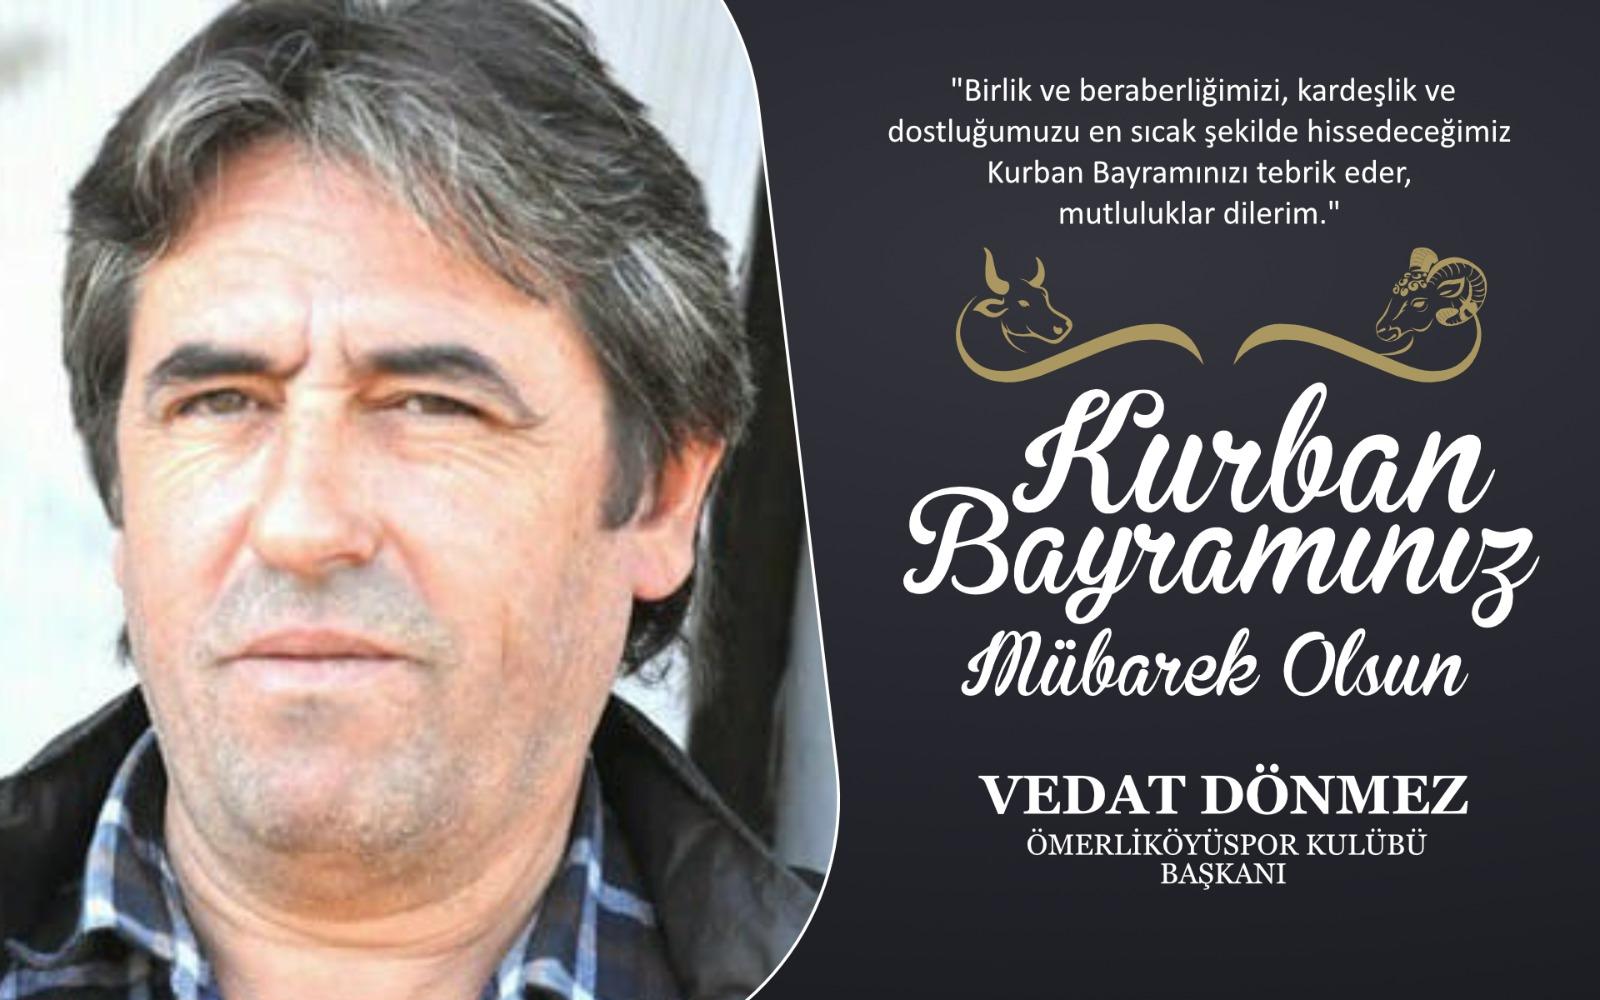 Vedat Dönmez'den Kurban Bayramı Kutlama Mesajı